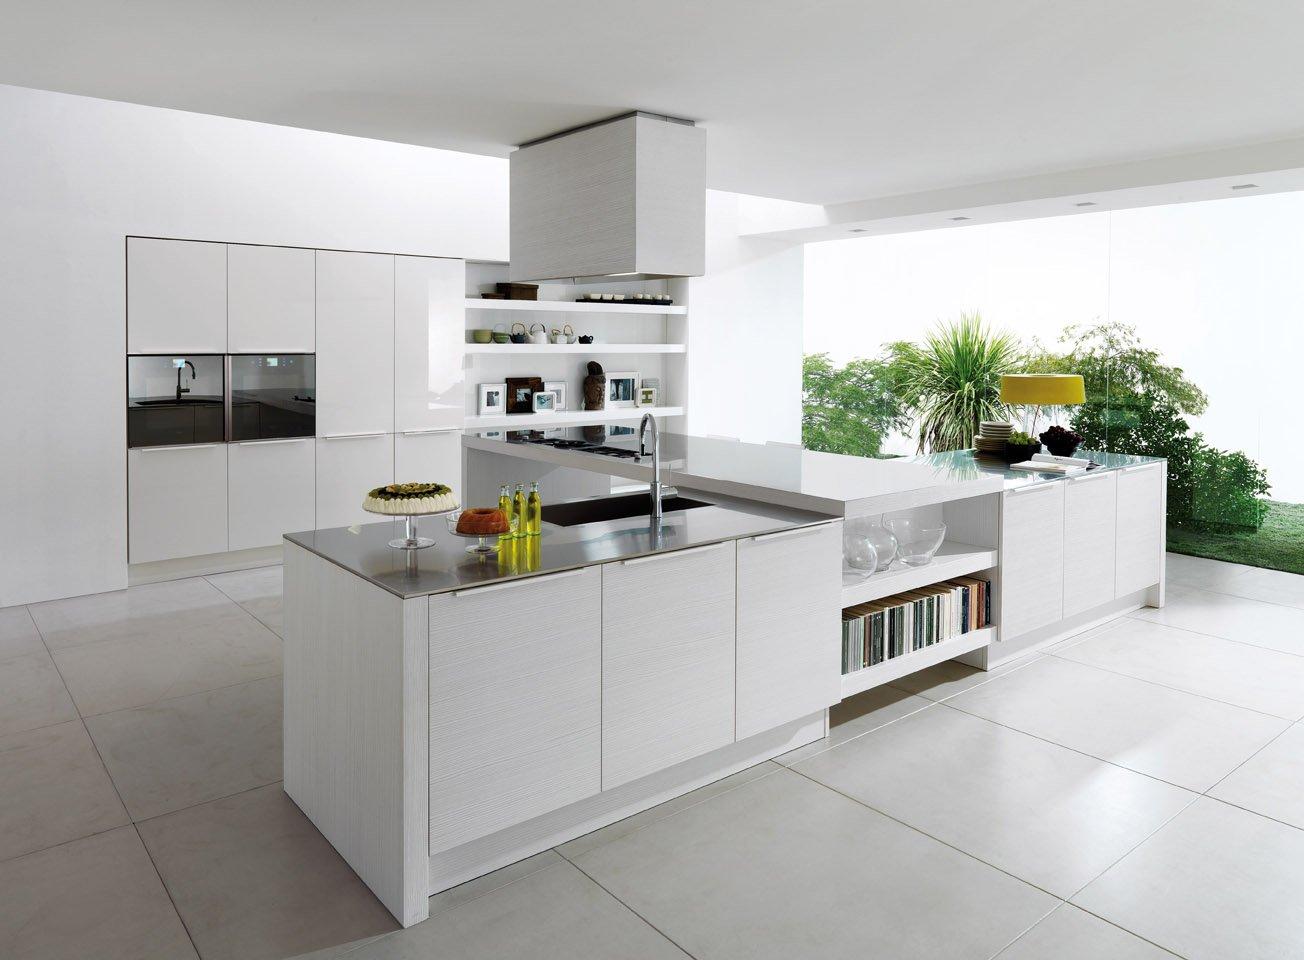 Cocinas blancas for Imagenes cocinas blancas